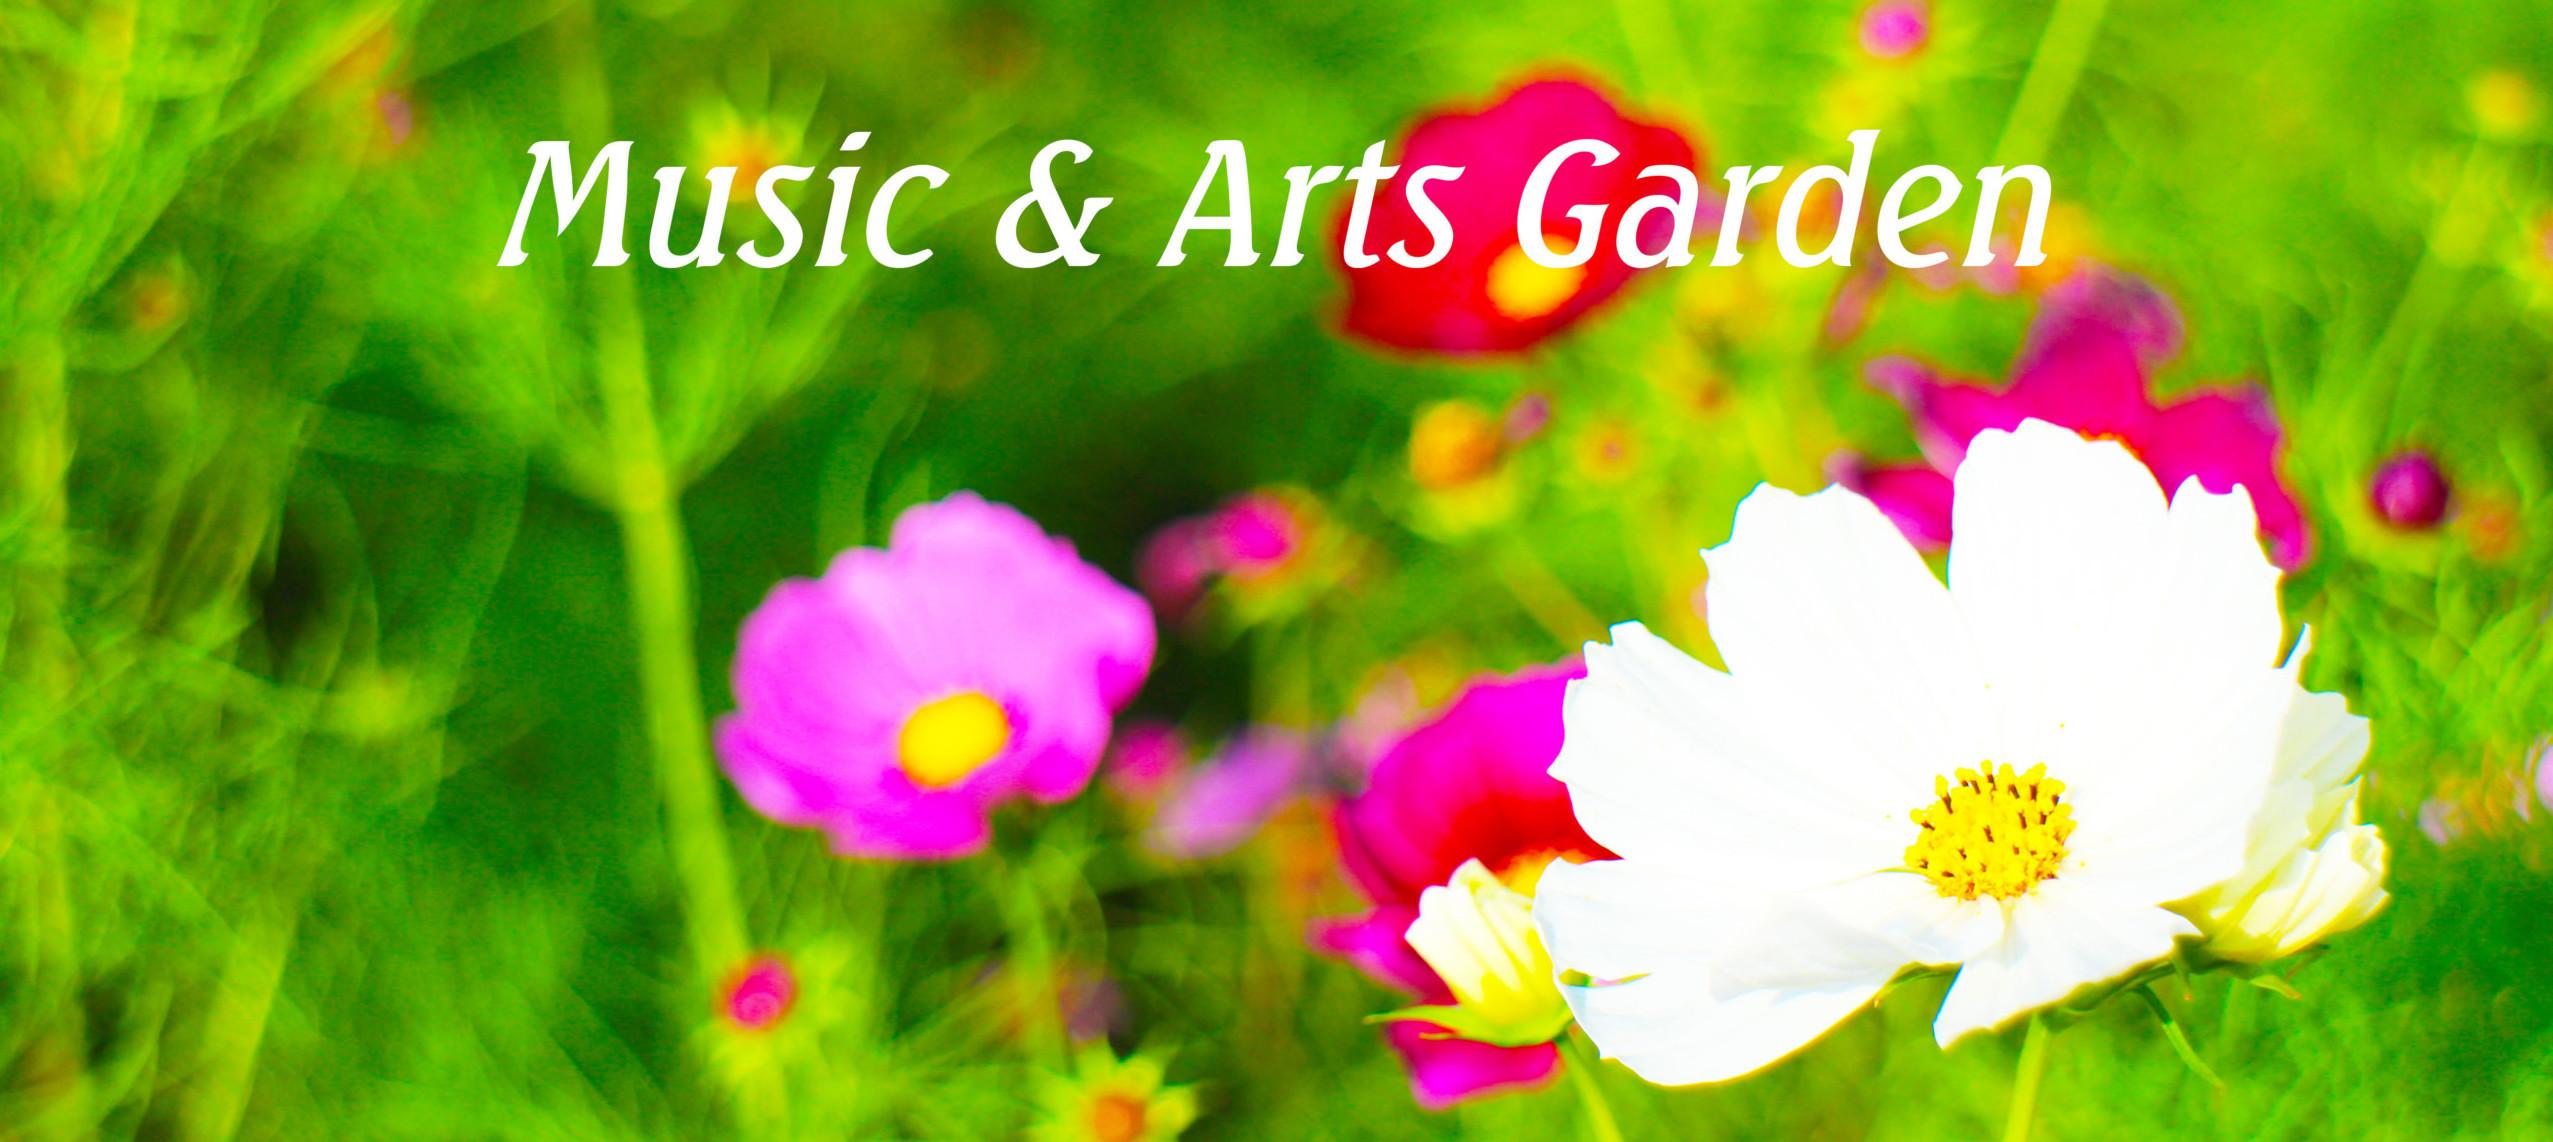 Music & Arts Garden